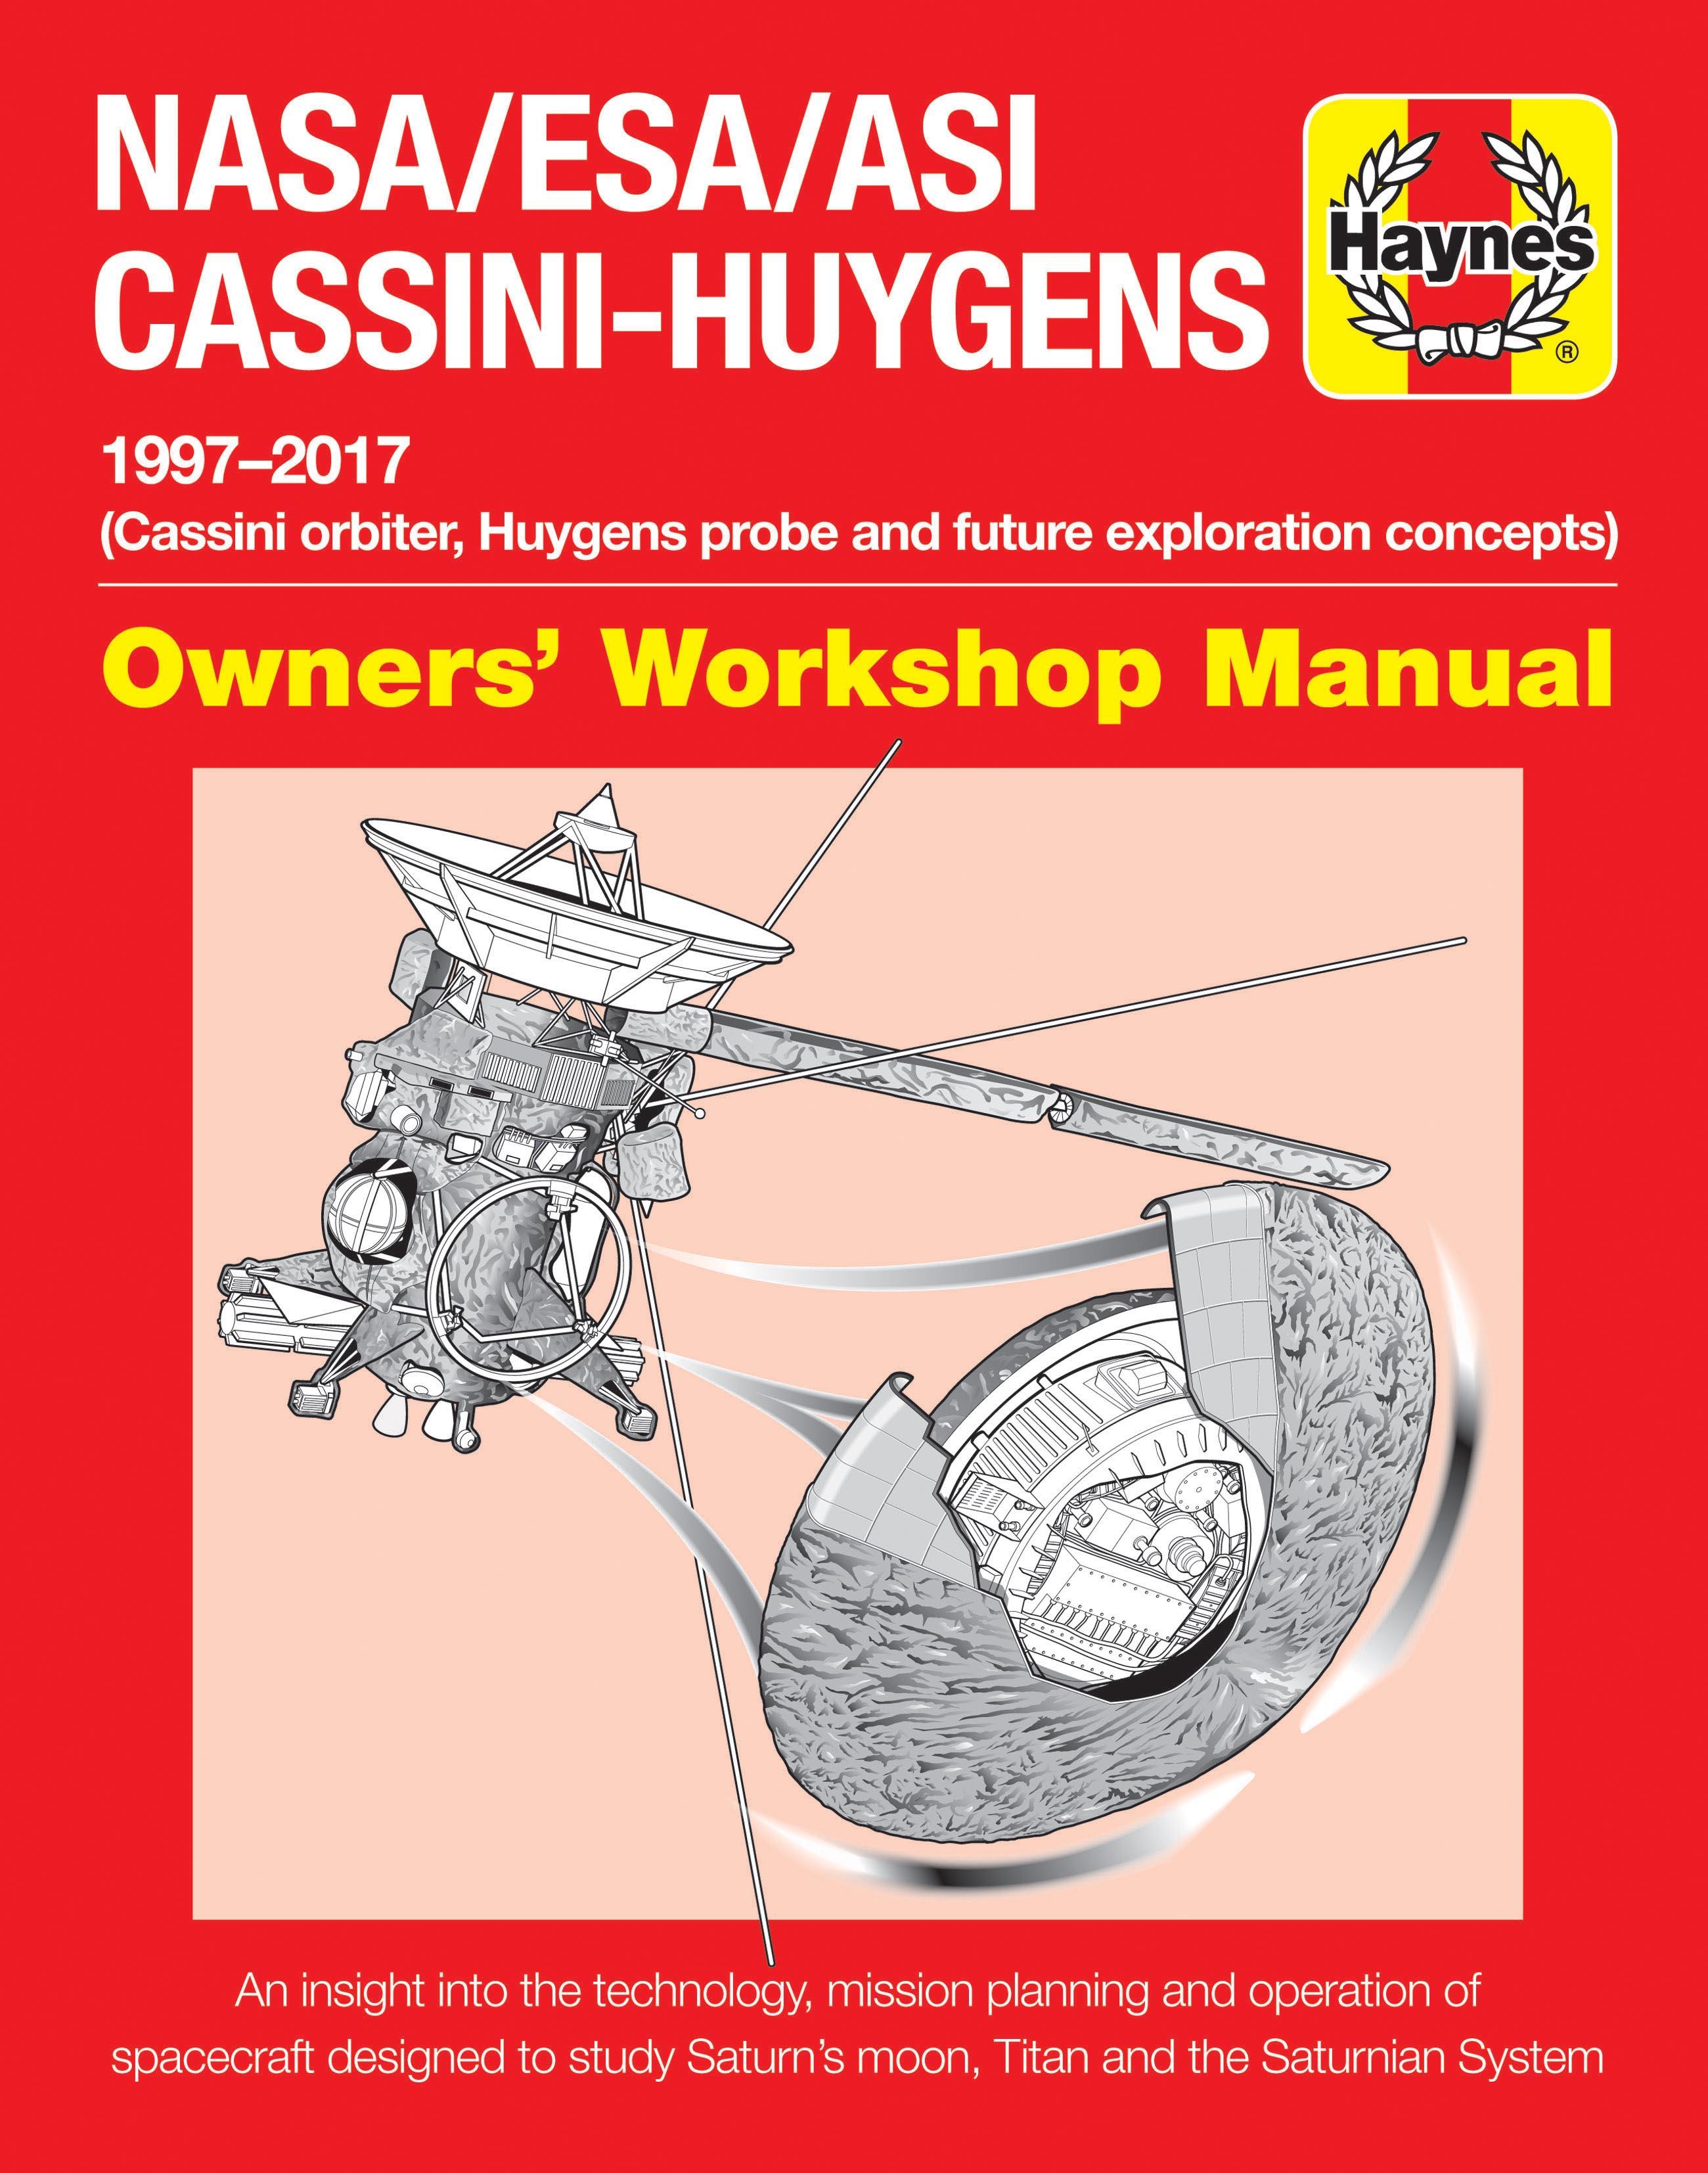 NASA/ESA/ASI Cassini-Huygens Owners' Workshop Manual